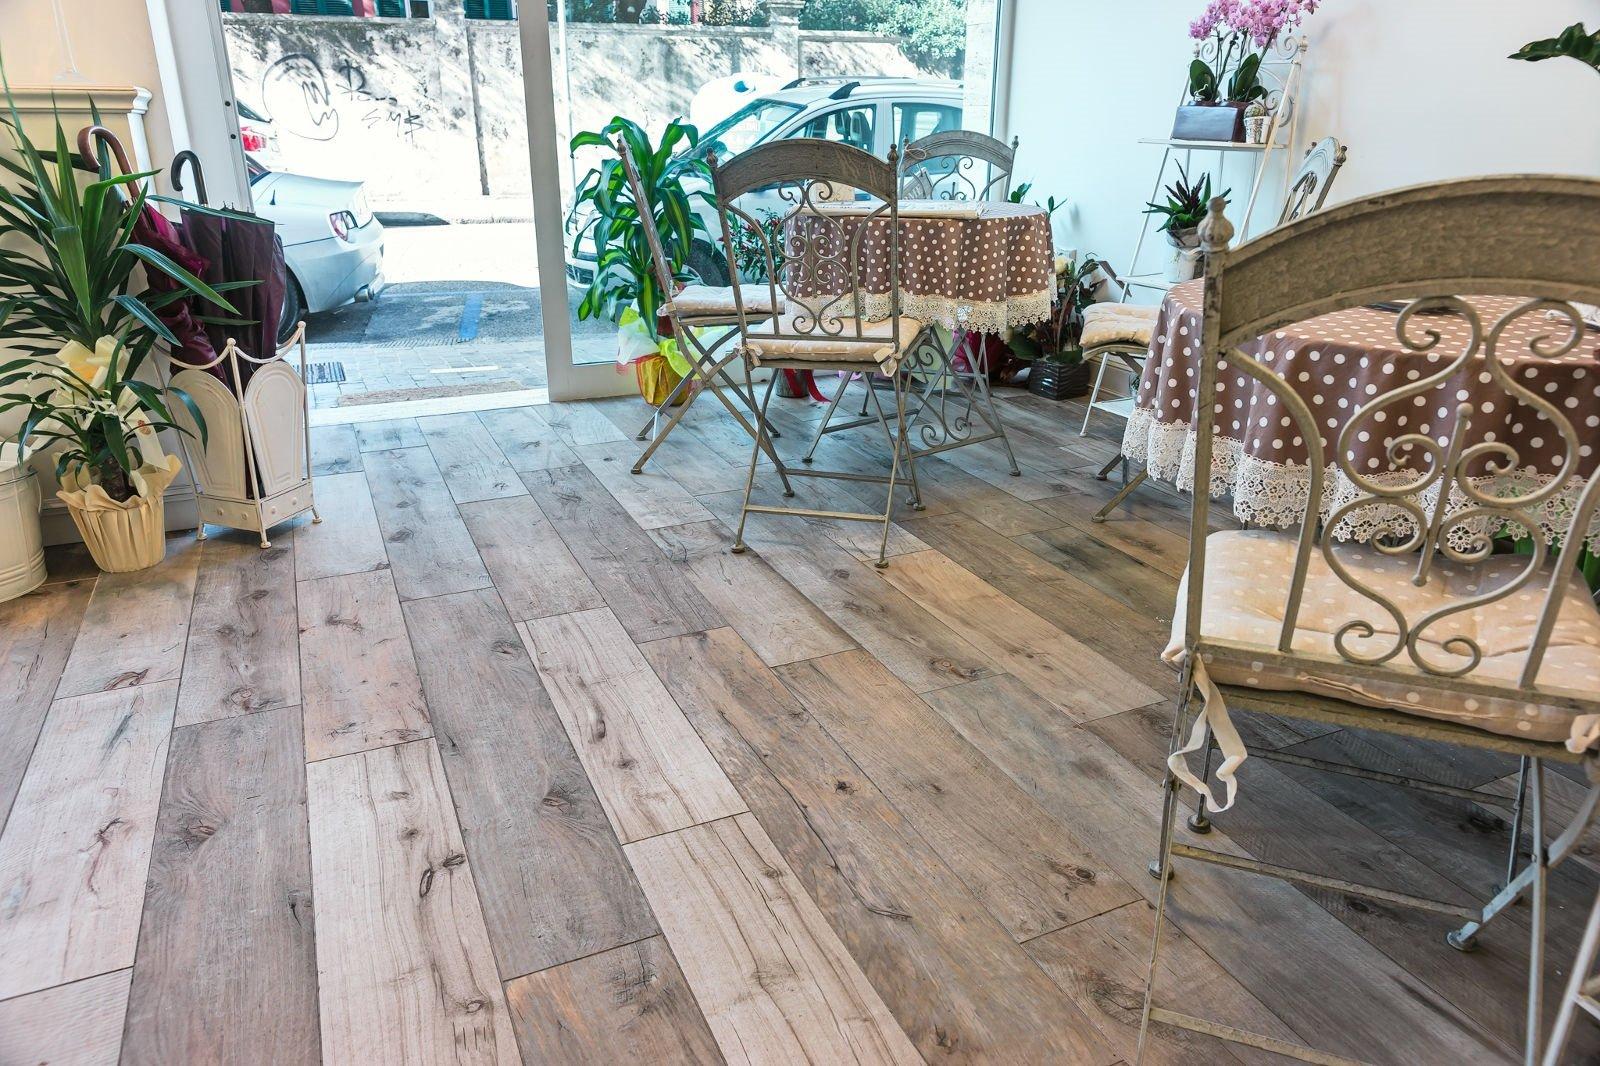 Pavimento Finto Legno Prezzi : Pavimenti gres effetto legno scontato cose di casa